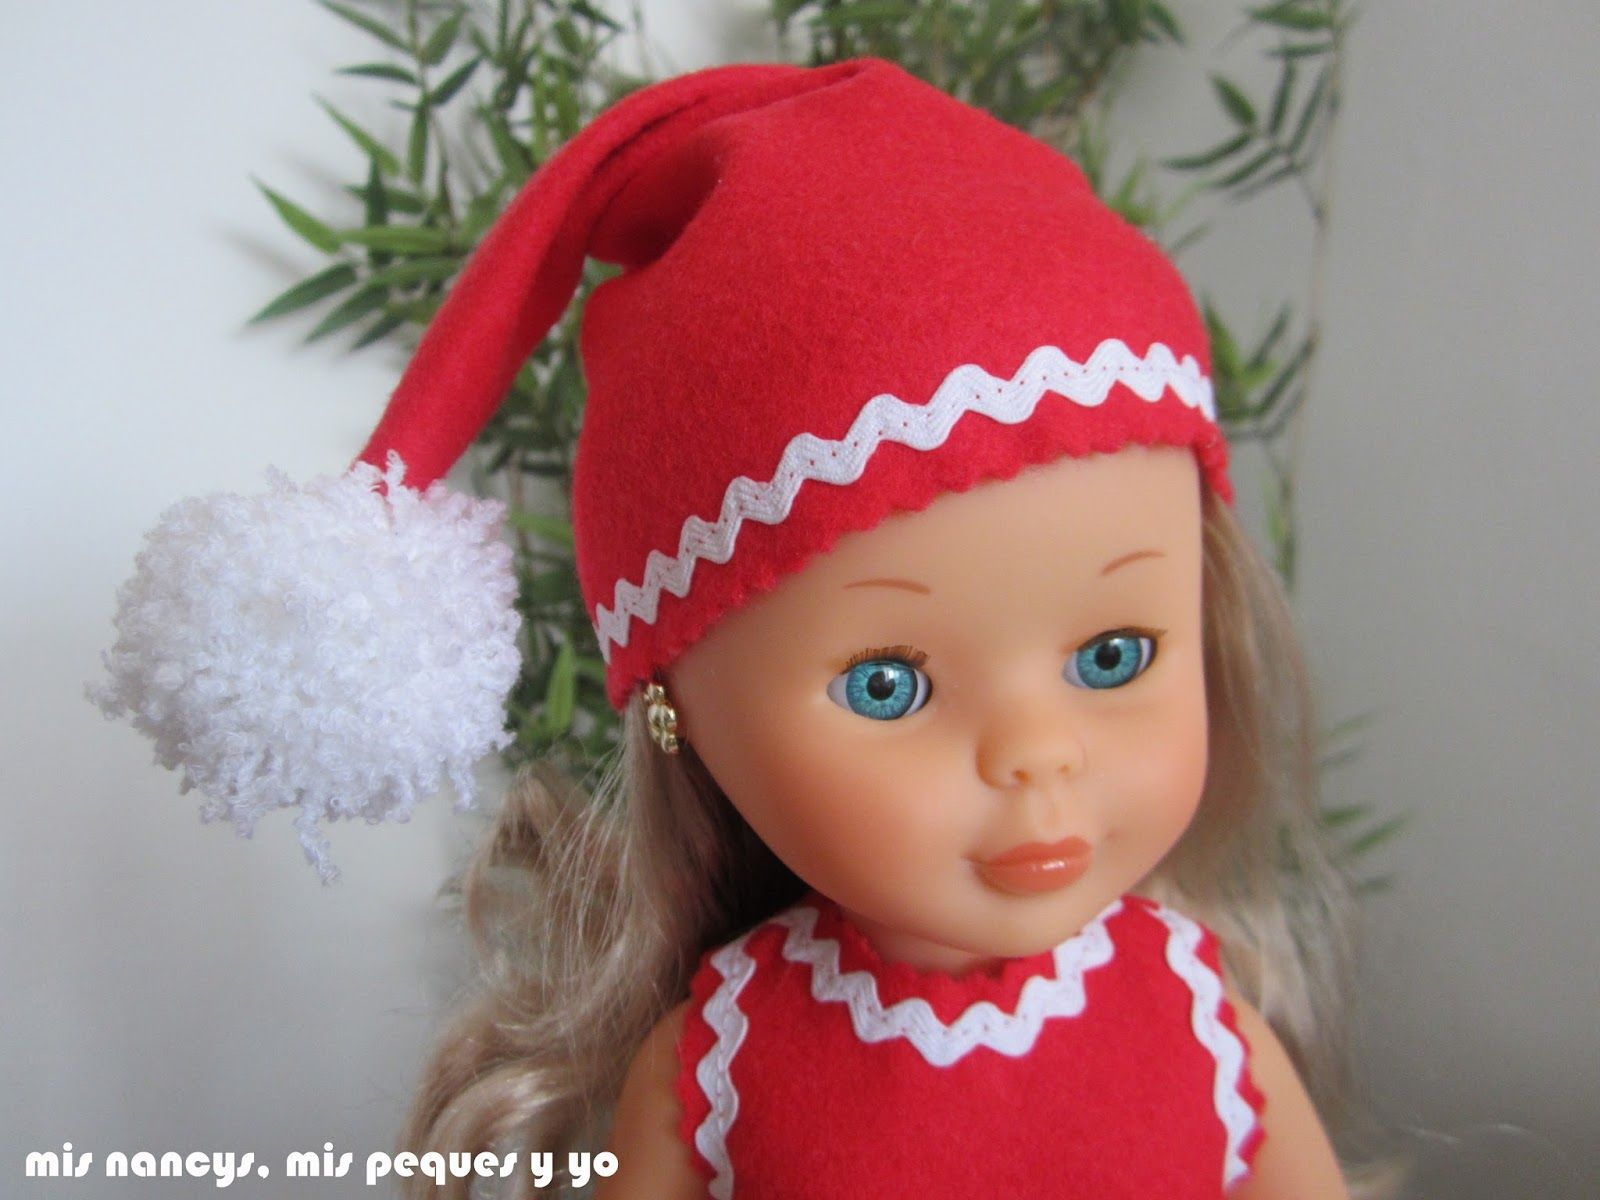 mis nancys, mis peques y yo, disfraz duende de navidad con sombrero